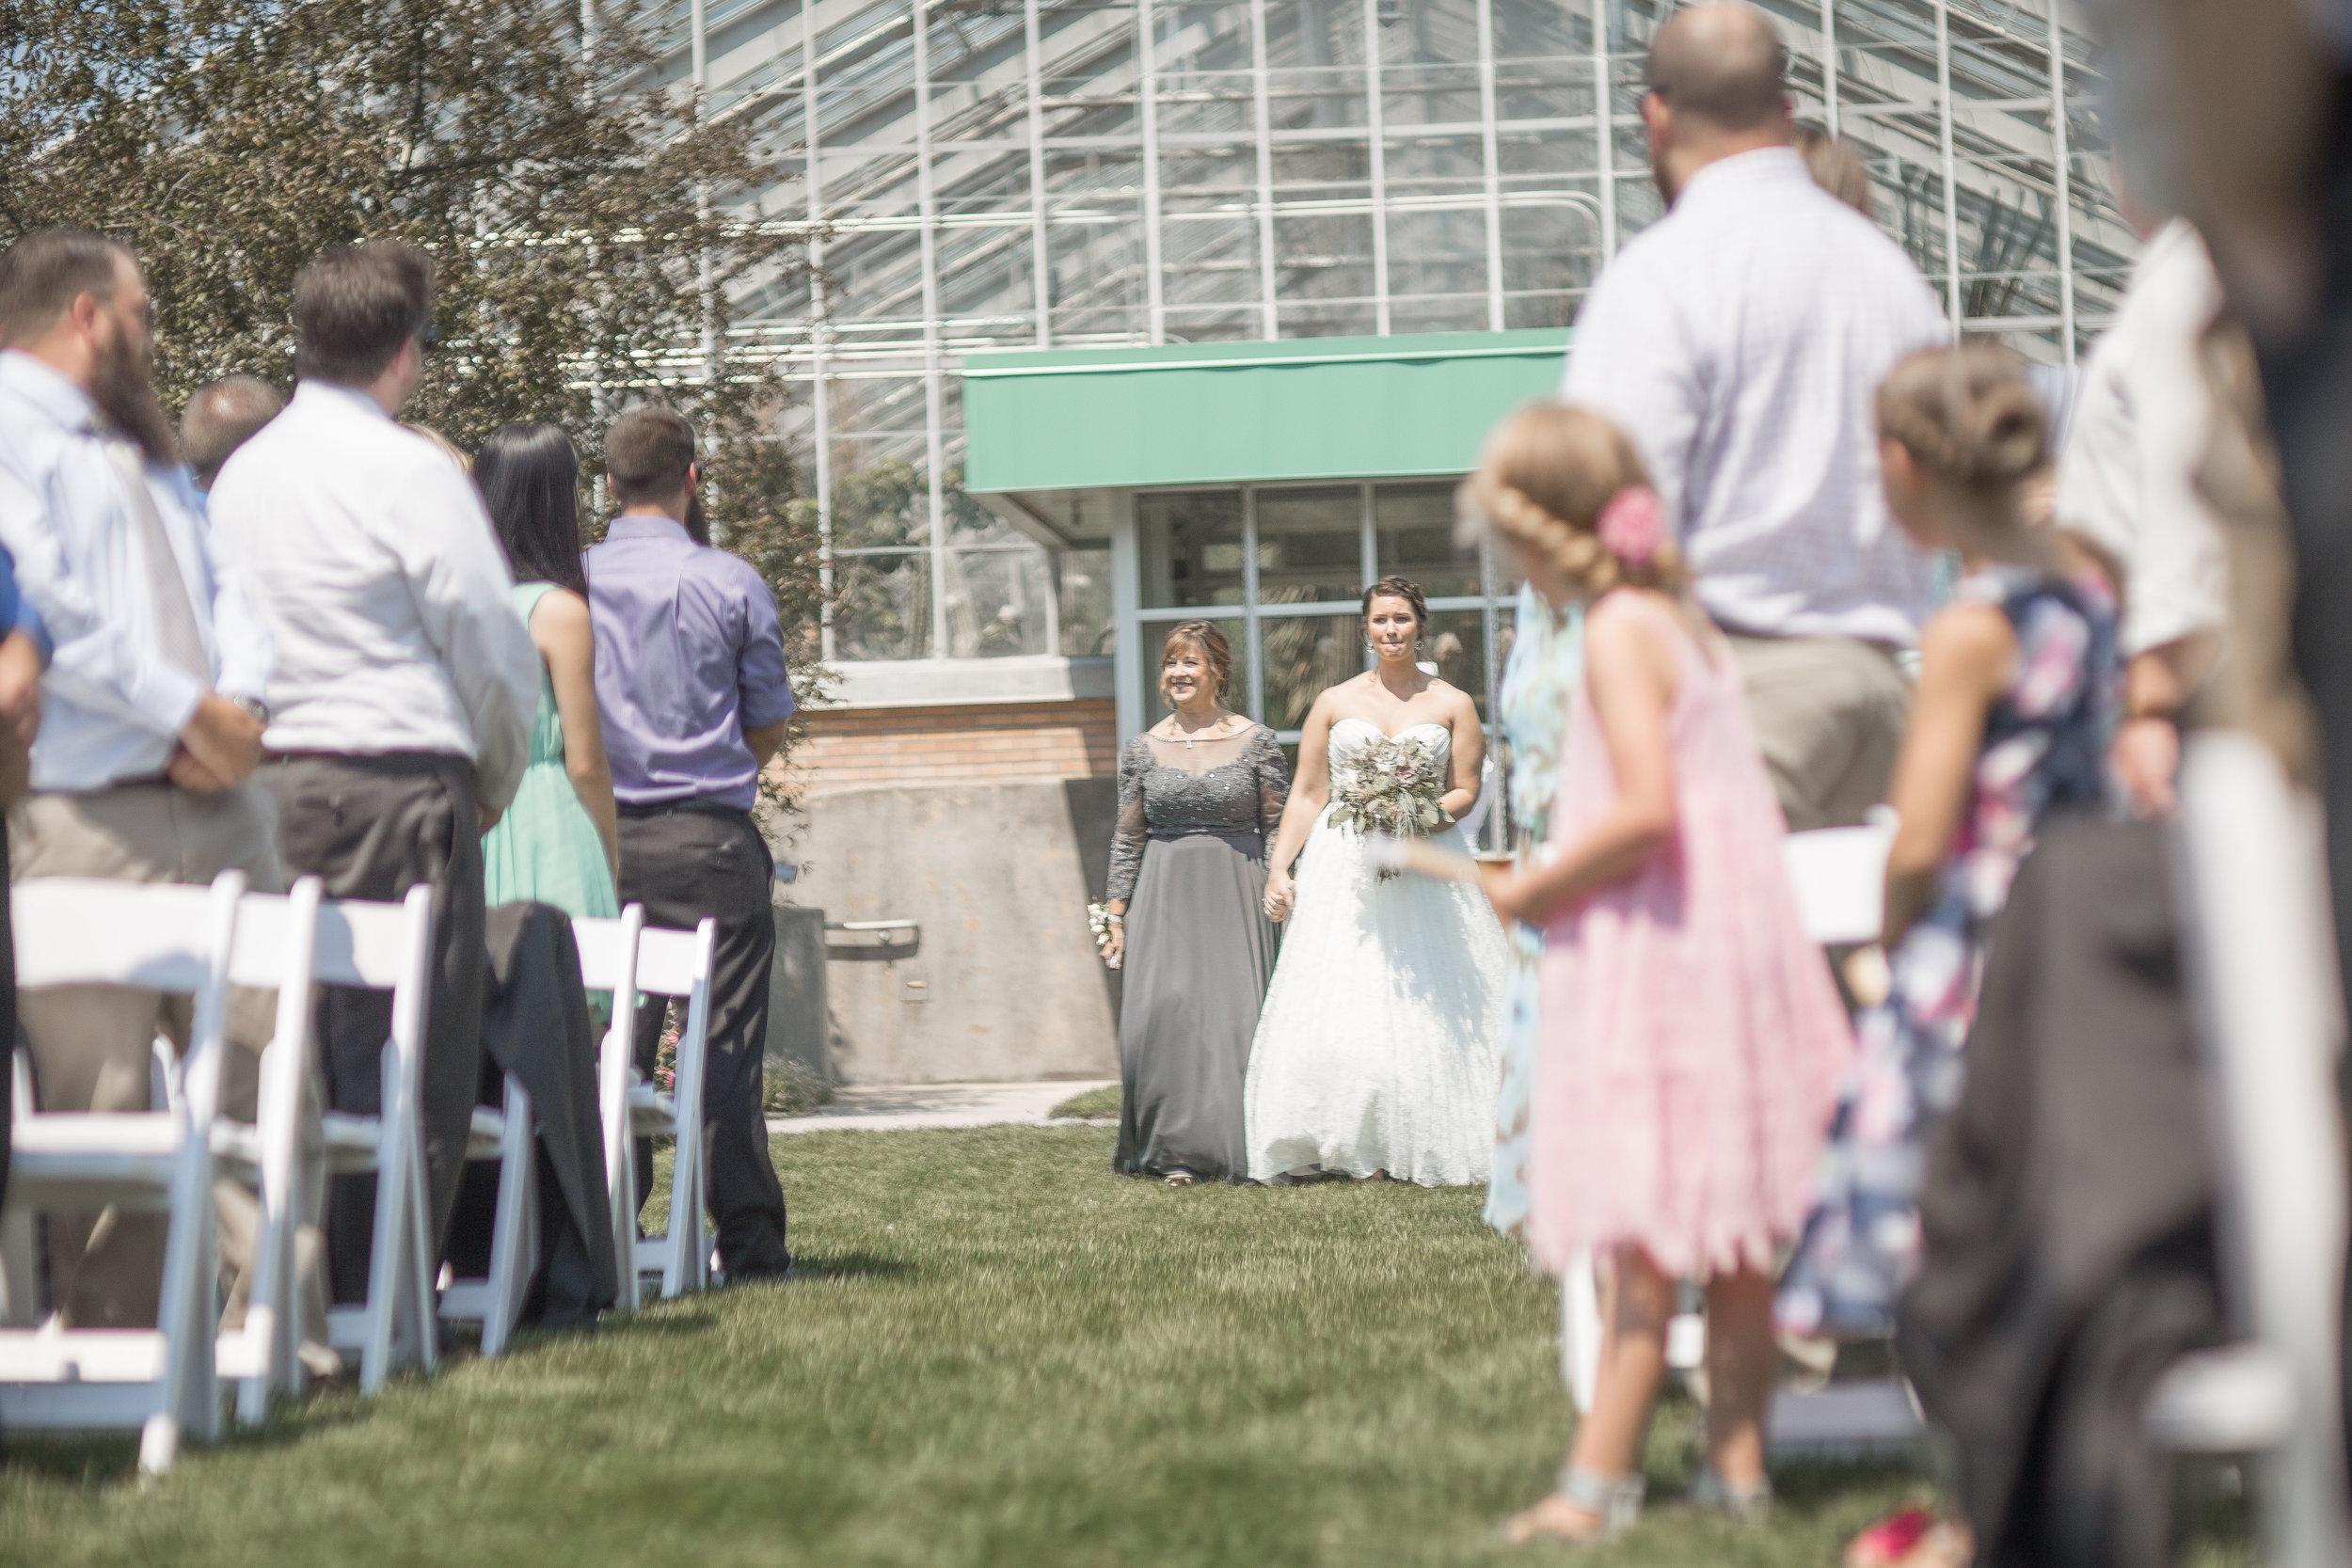 C_Wedding_Sarver, Alyssa & Scott_FOR BLOG-60.JPG